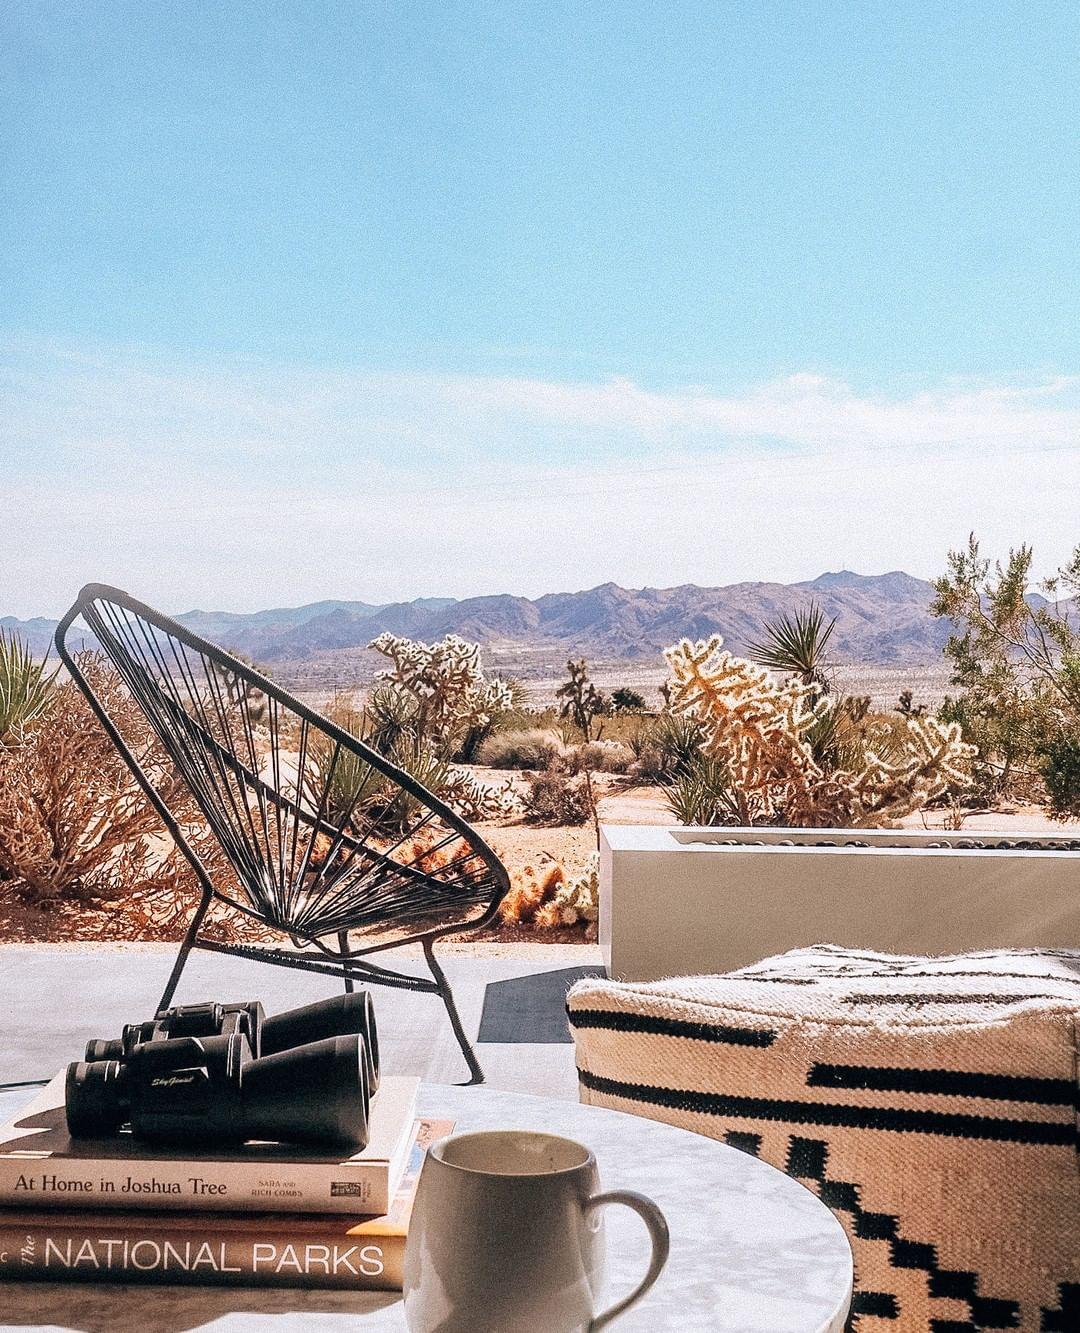 Μια μοντέρνα κατοικία γεμάτη μουσική στην ερημιά της στέπας